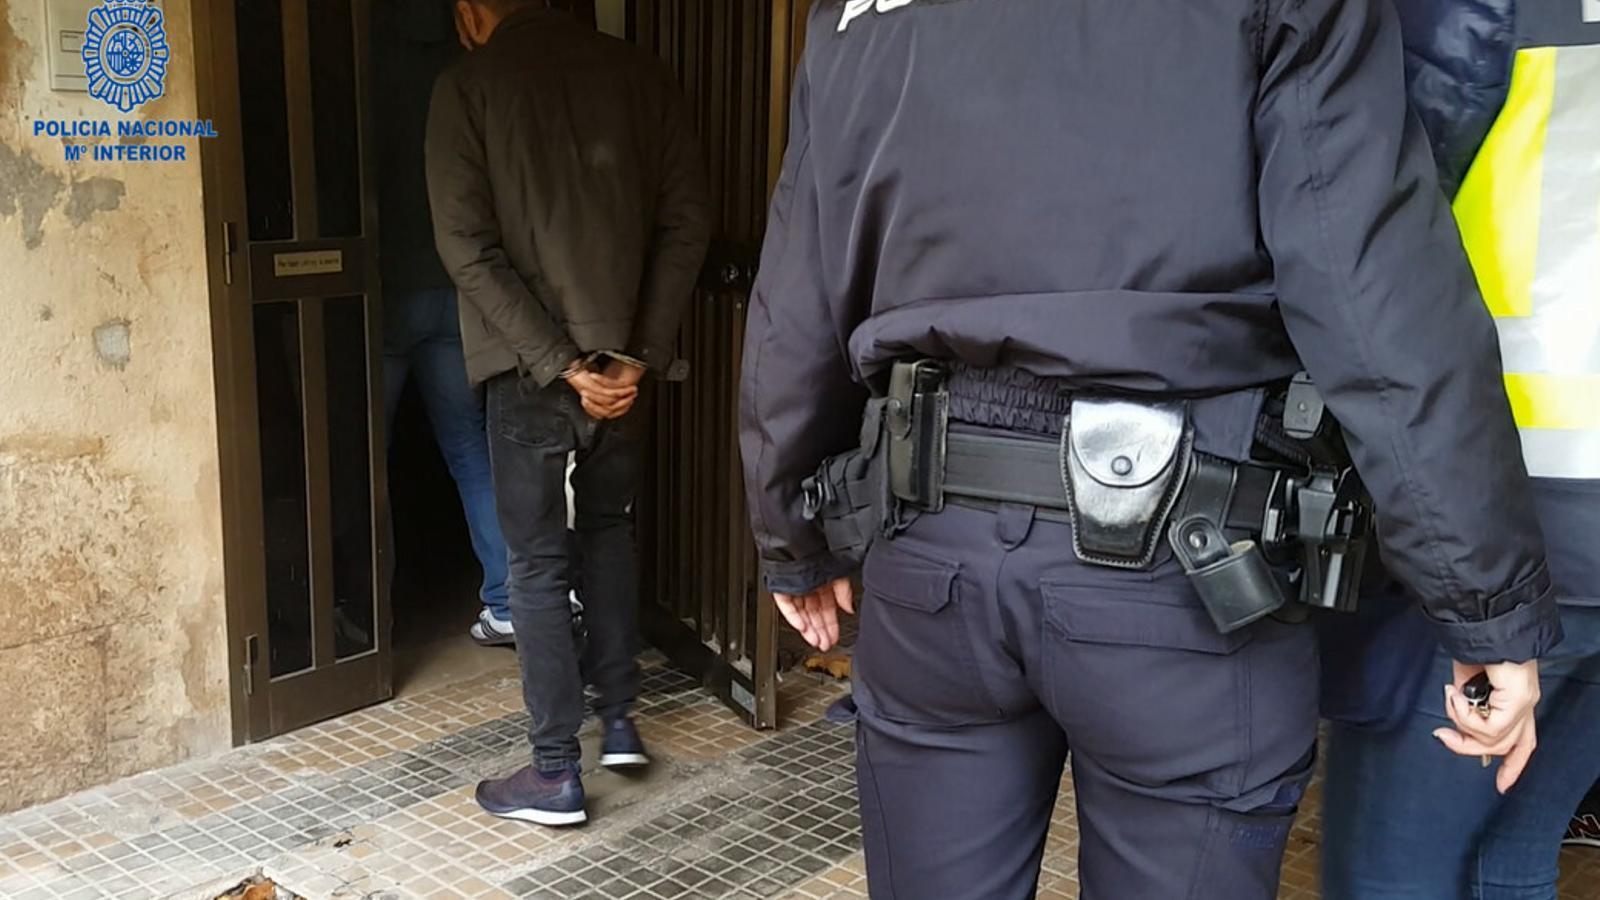 L'Operació 'Travis' conclou amb la detenció de cinc homes per tràfic de persones.